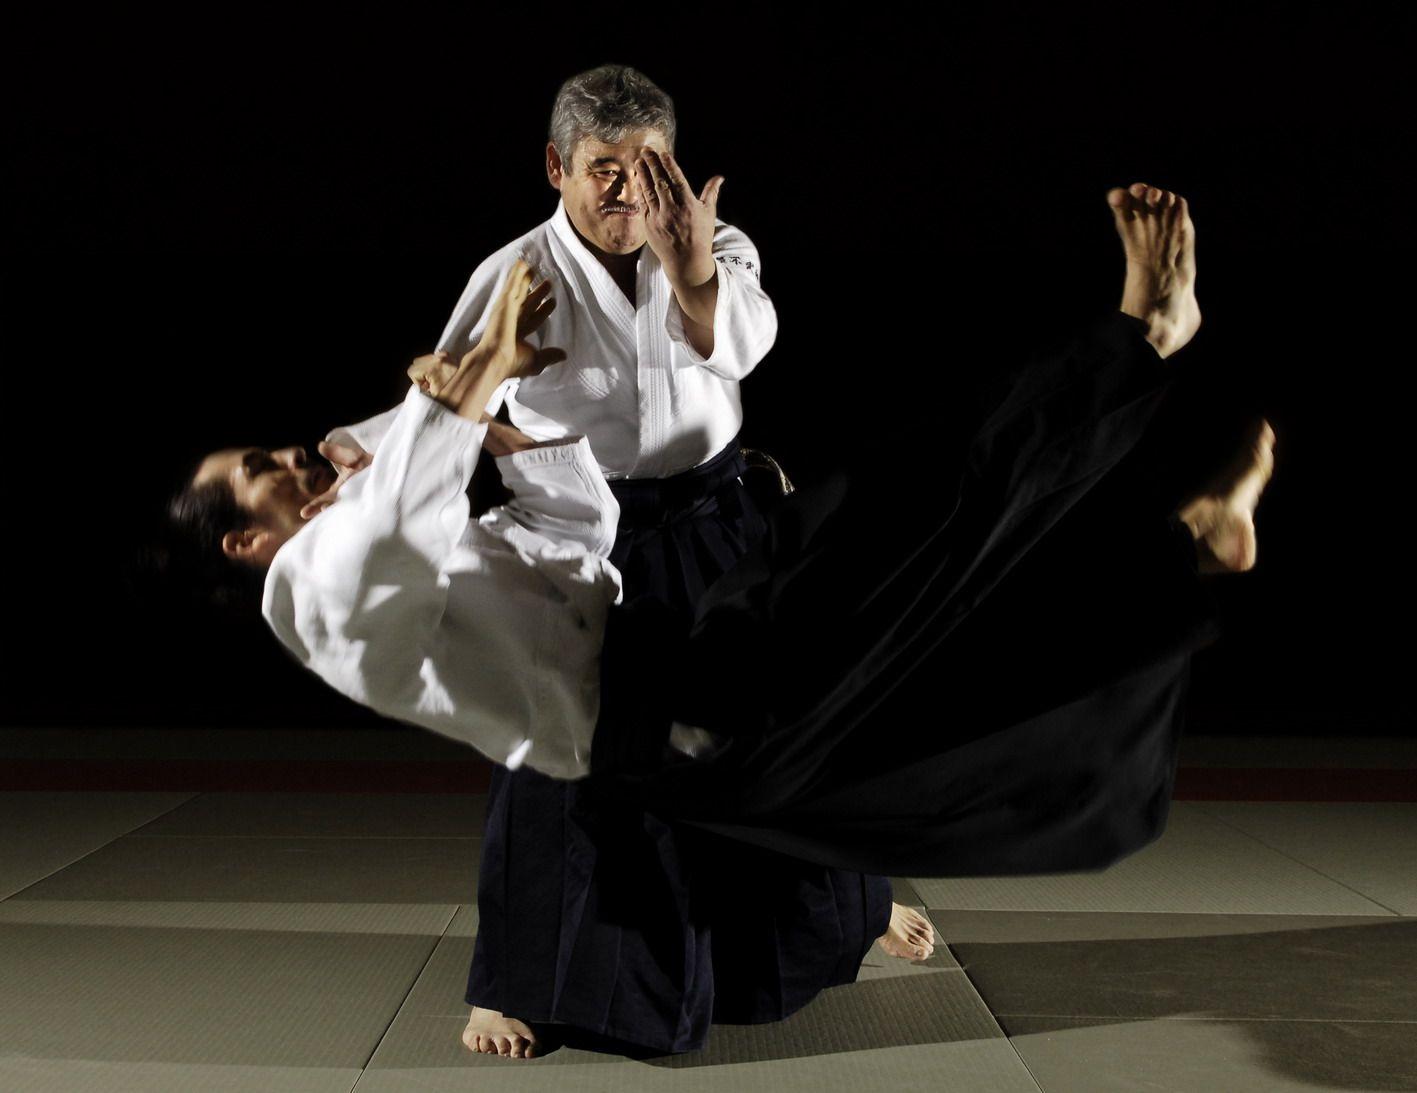 14+ Bushido martial arts cumberland ri ideas